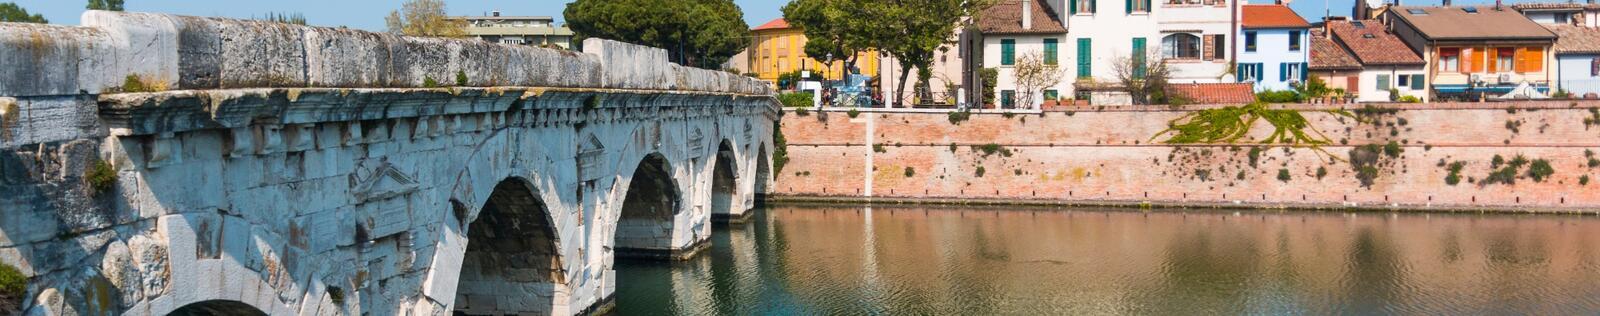 Ponti di Primavera a Rimini